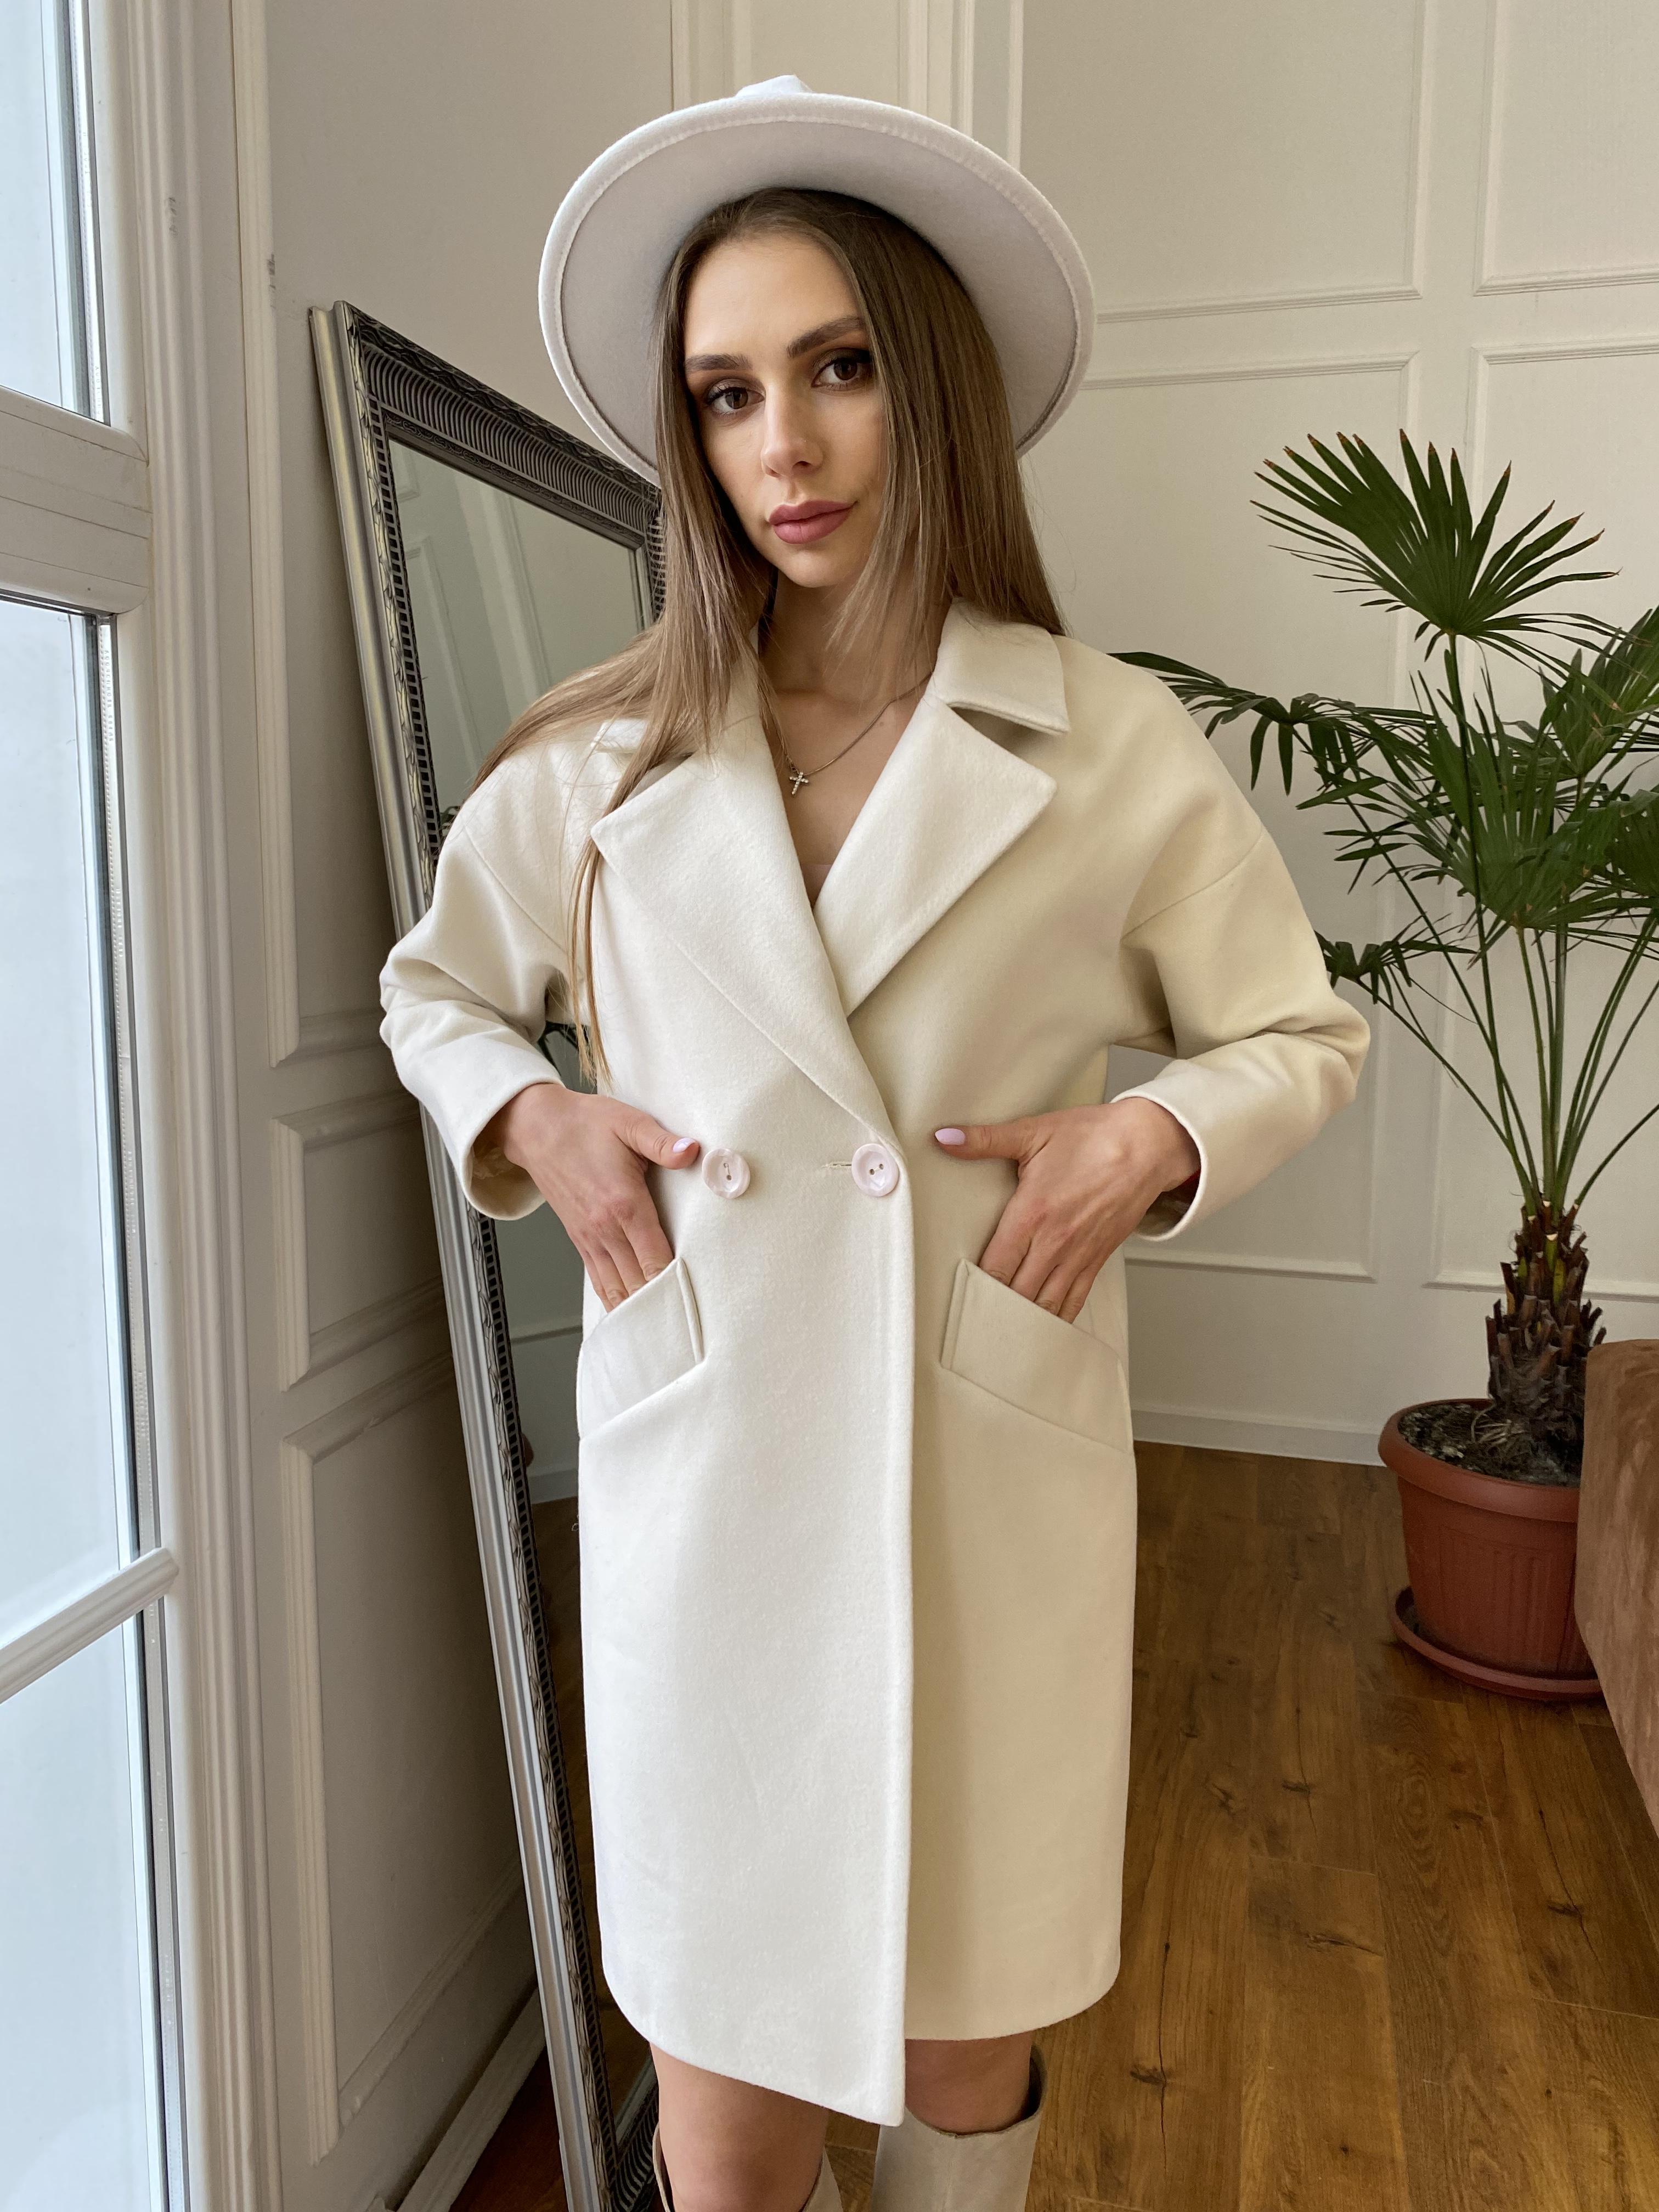 Сенсей пальто  из гладкого кашемира 10774 АРТ. 47203 Цвет: Молоко - фото 3, интернет магазин tm-modus.ru